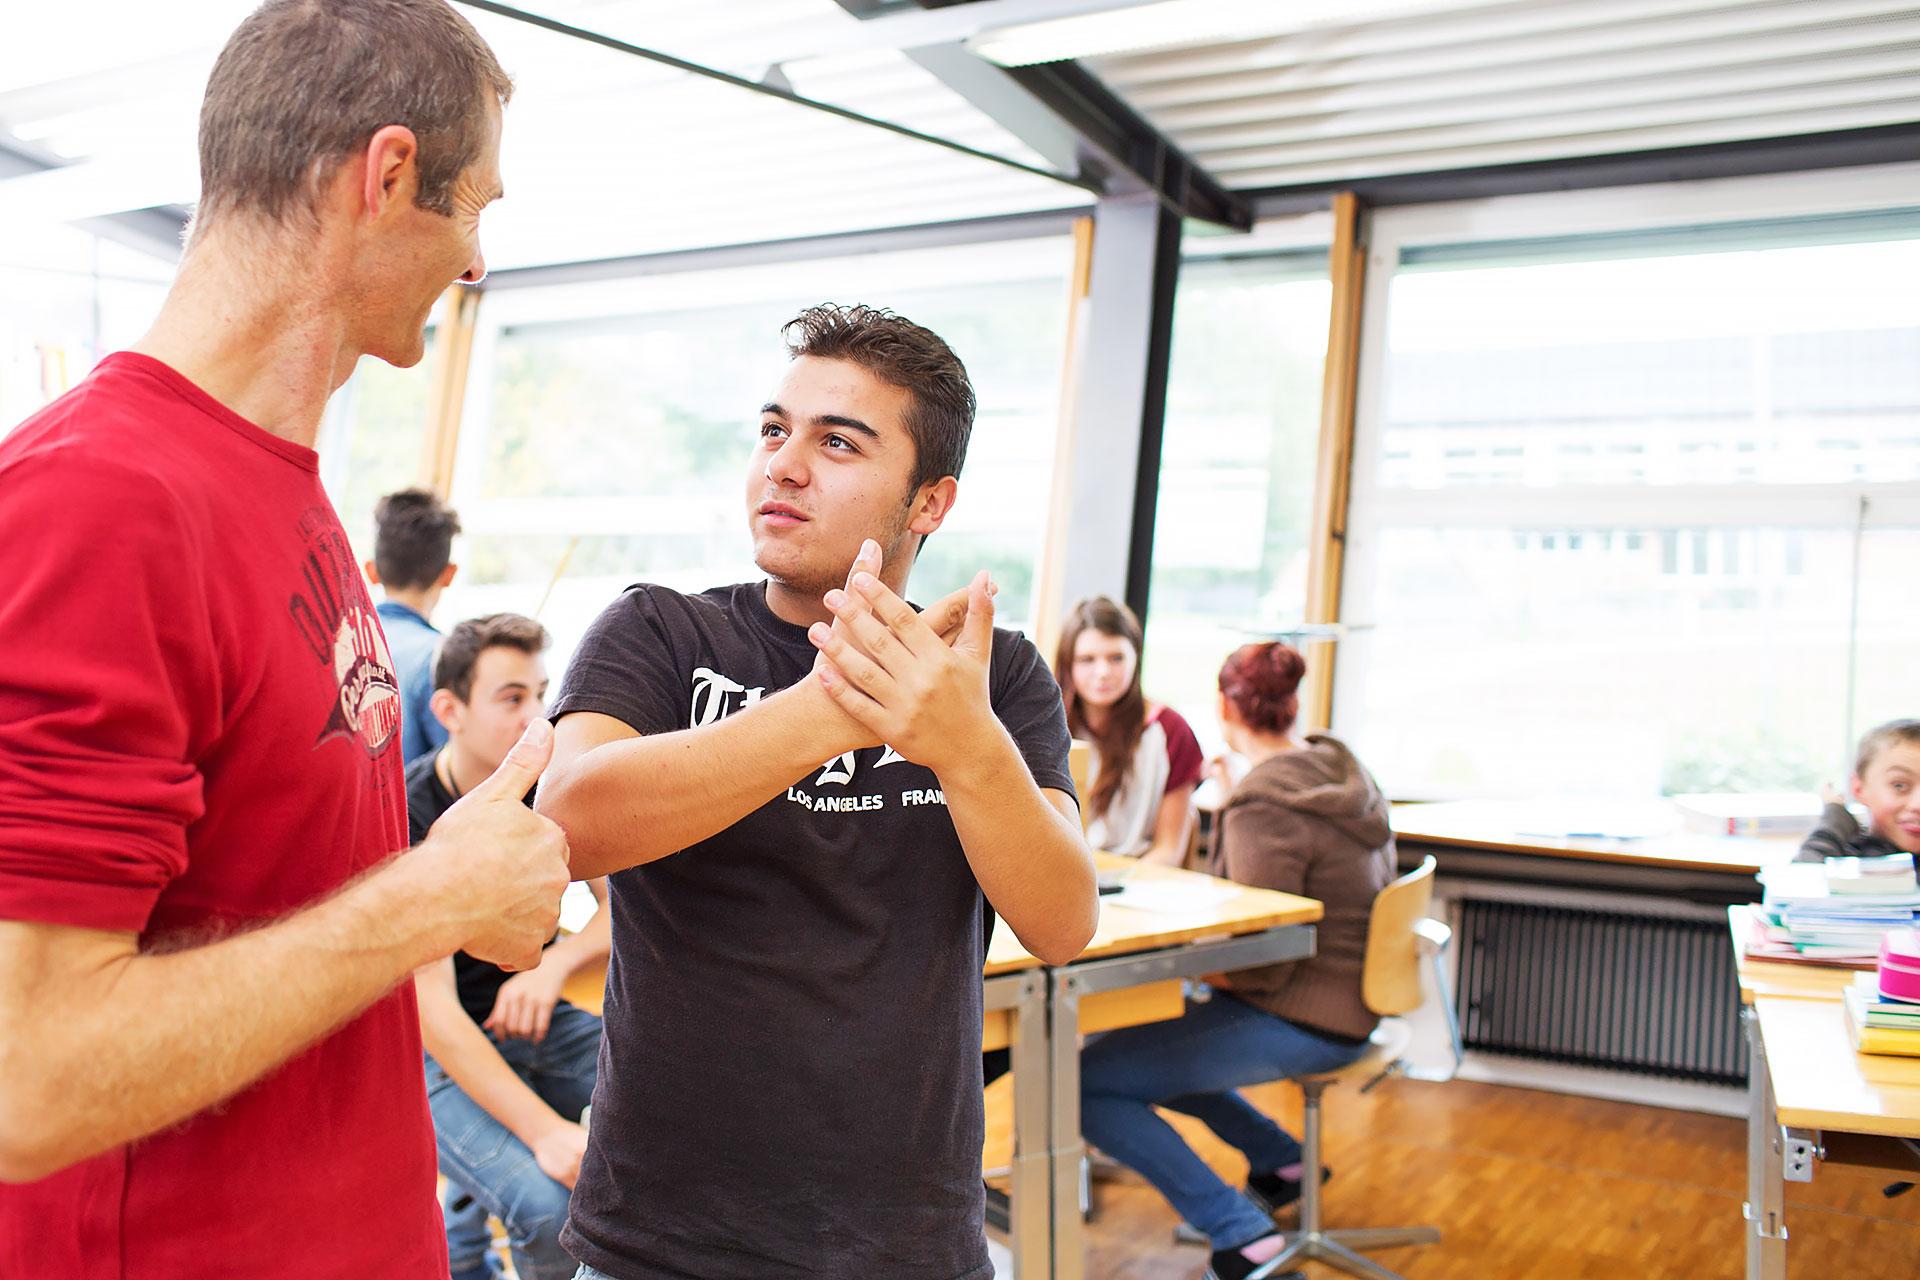 Schüler im Gespräch mit dem Lehrer im Schulzimmer